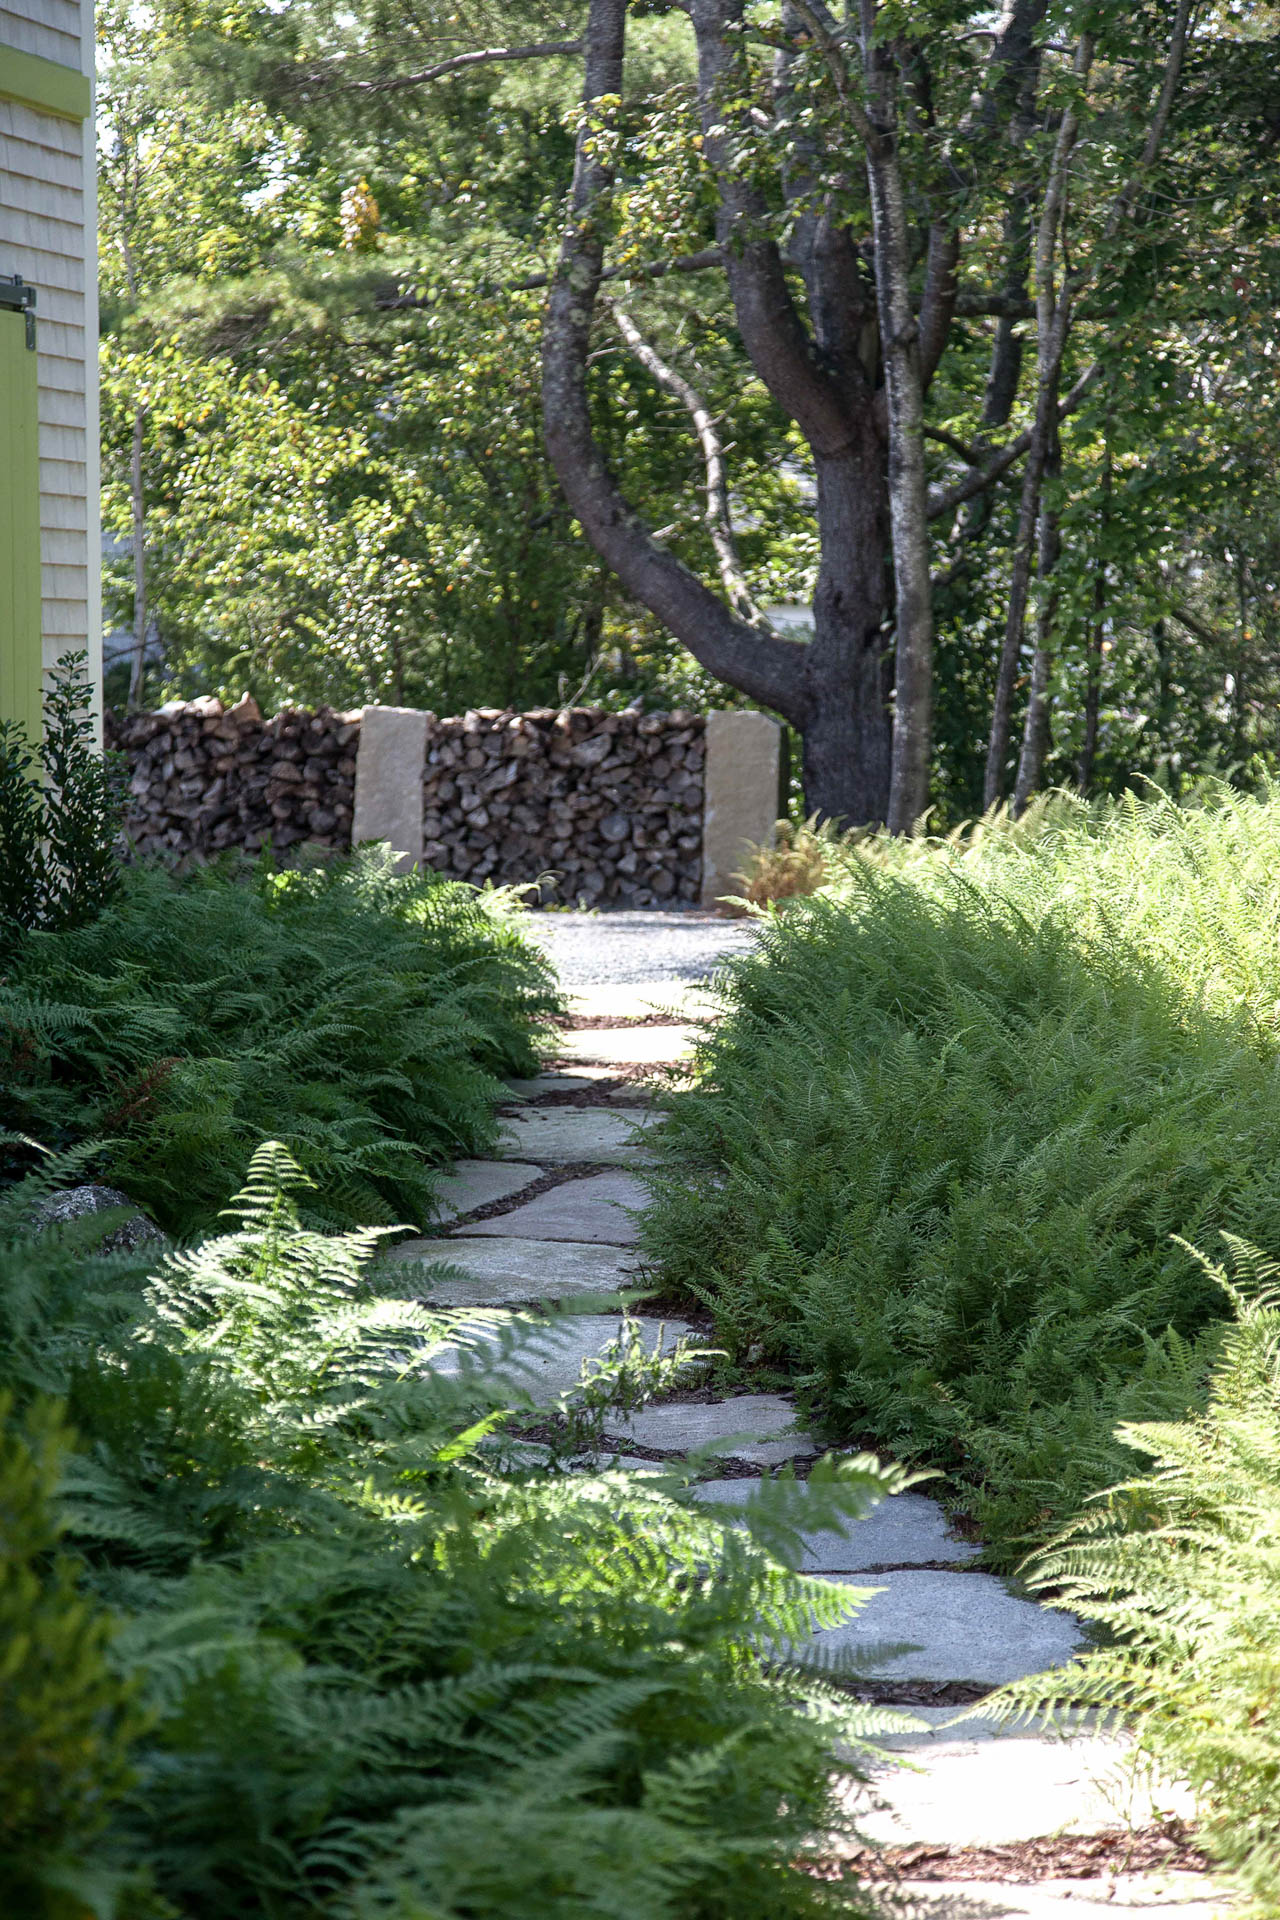 Clamshell alley matthew cunningham landscape design llc for Garden design llc